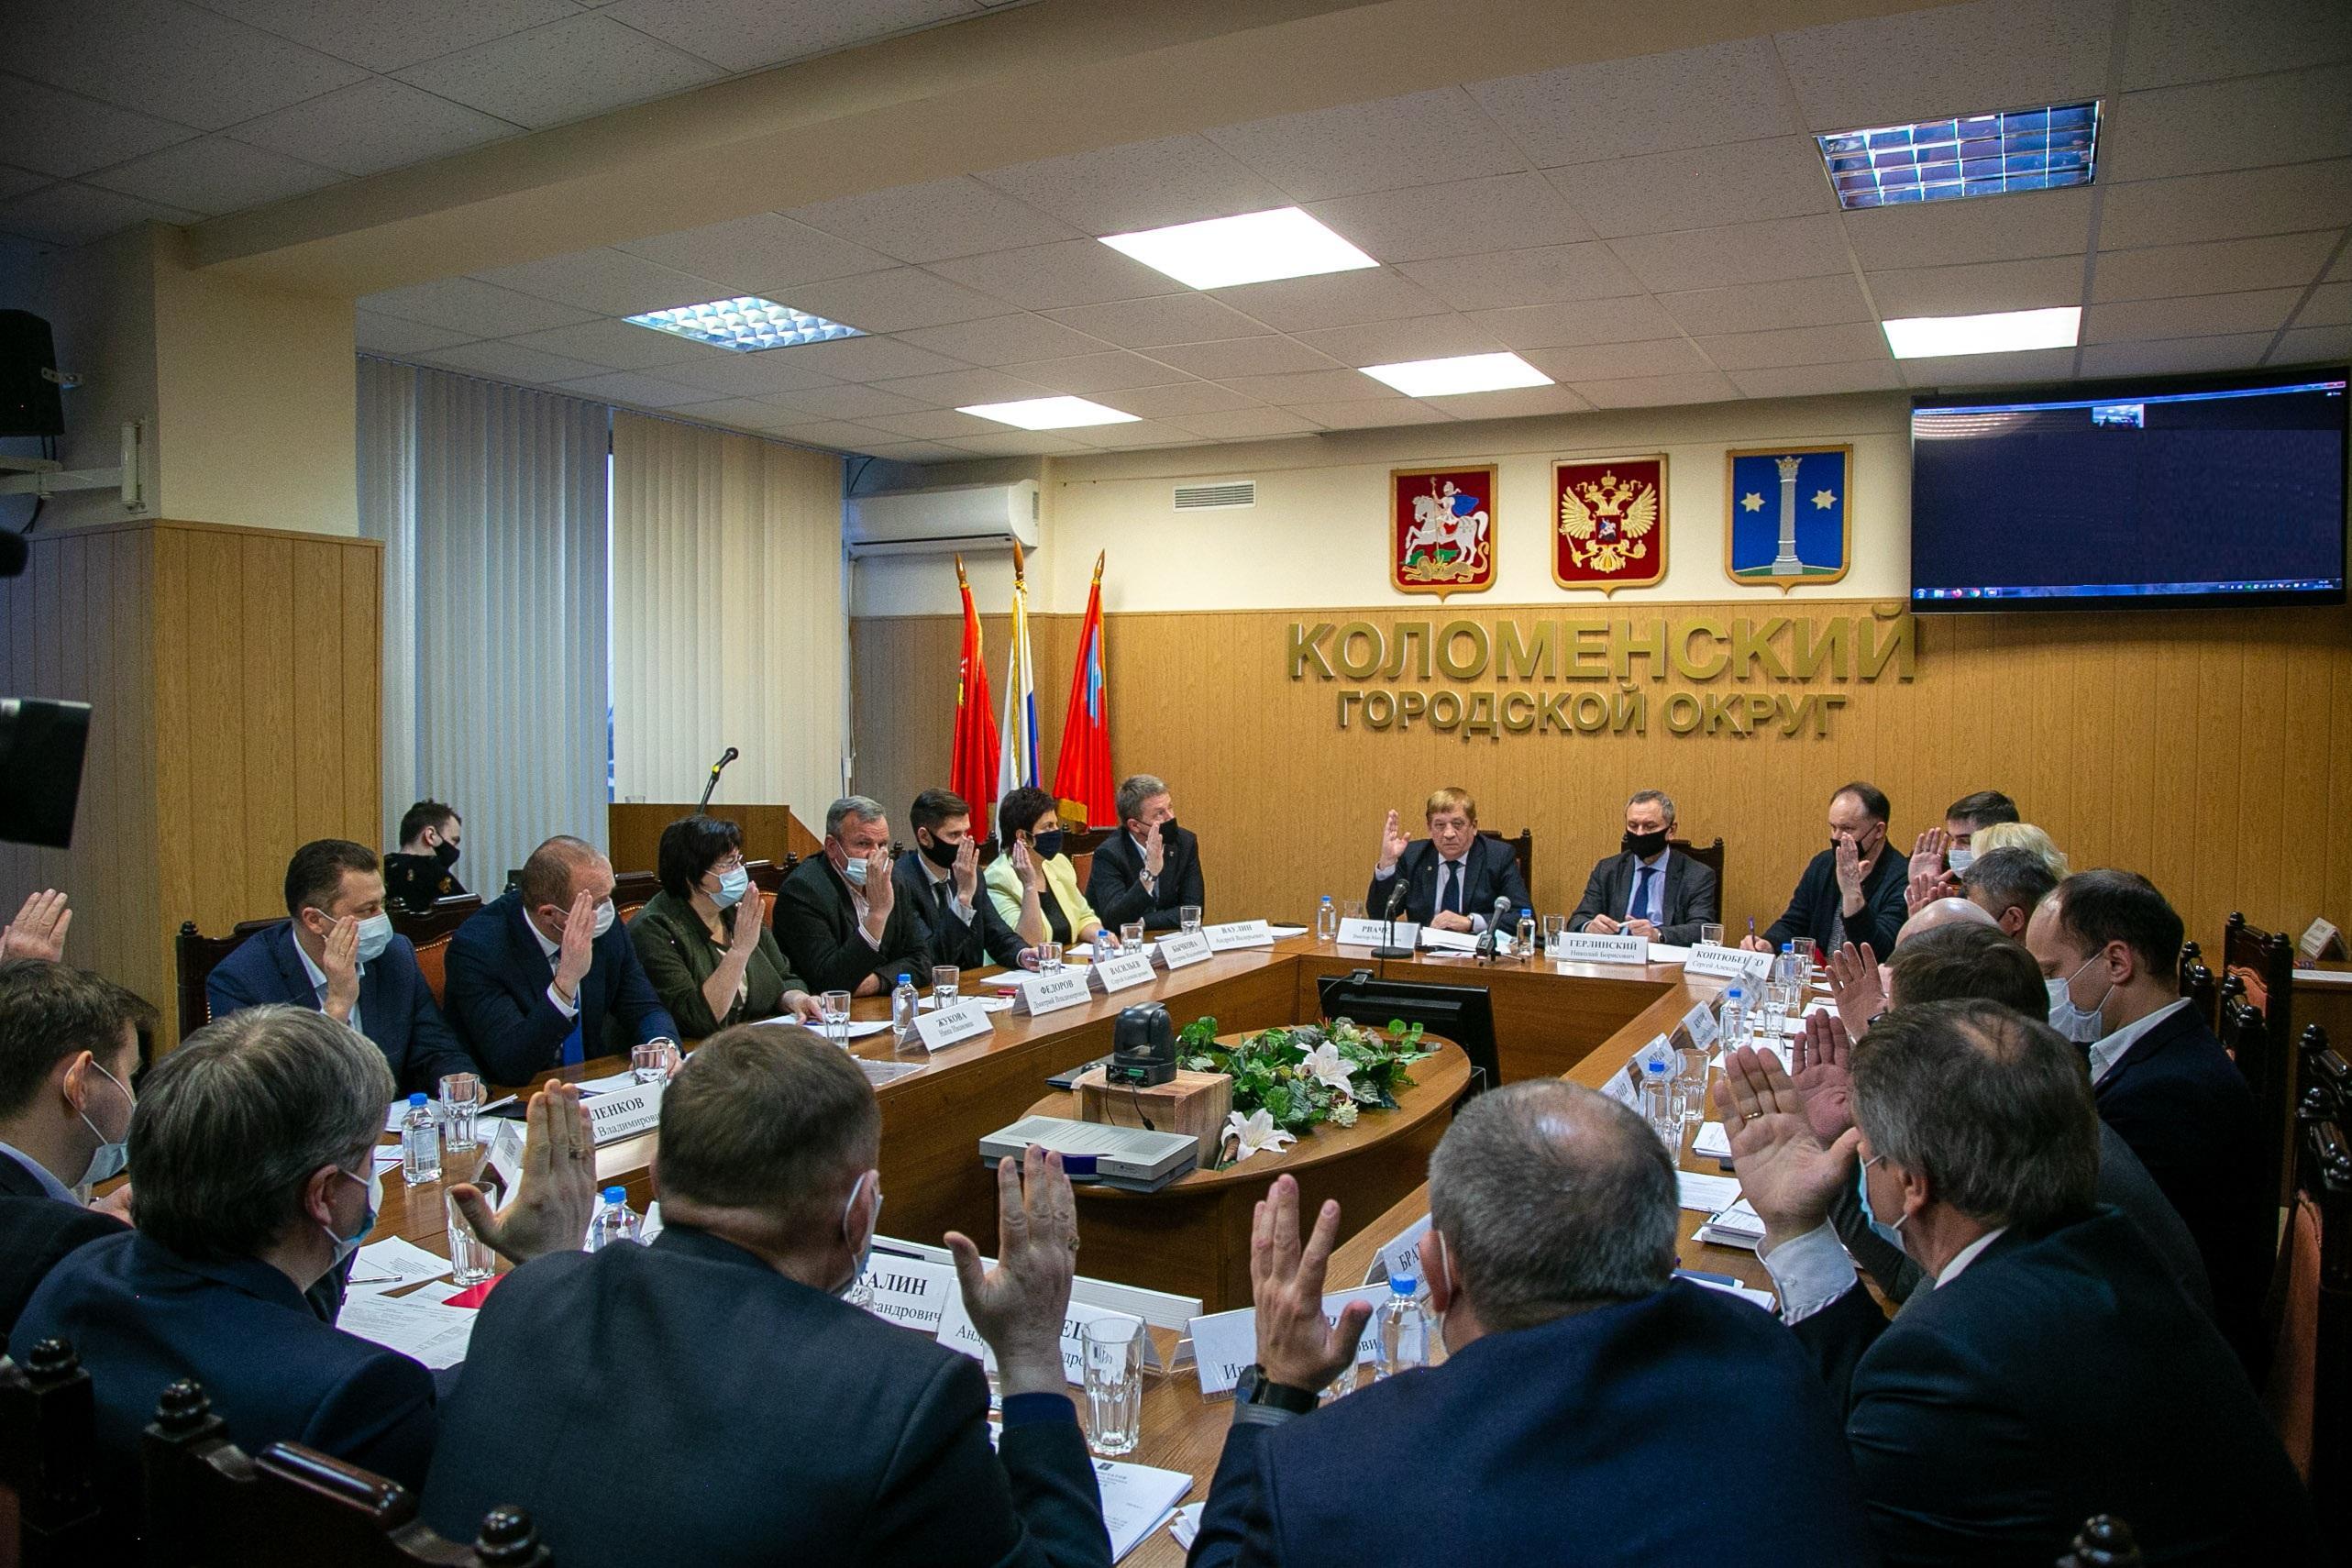 1611997187 ea6q8832 - Новый Совет депутатов Коломны провел первое заседание